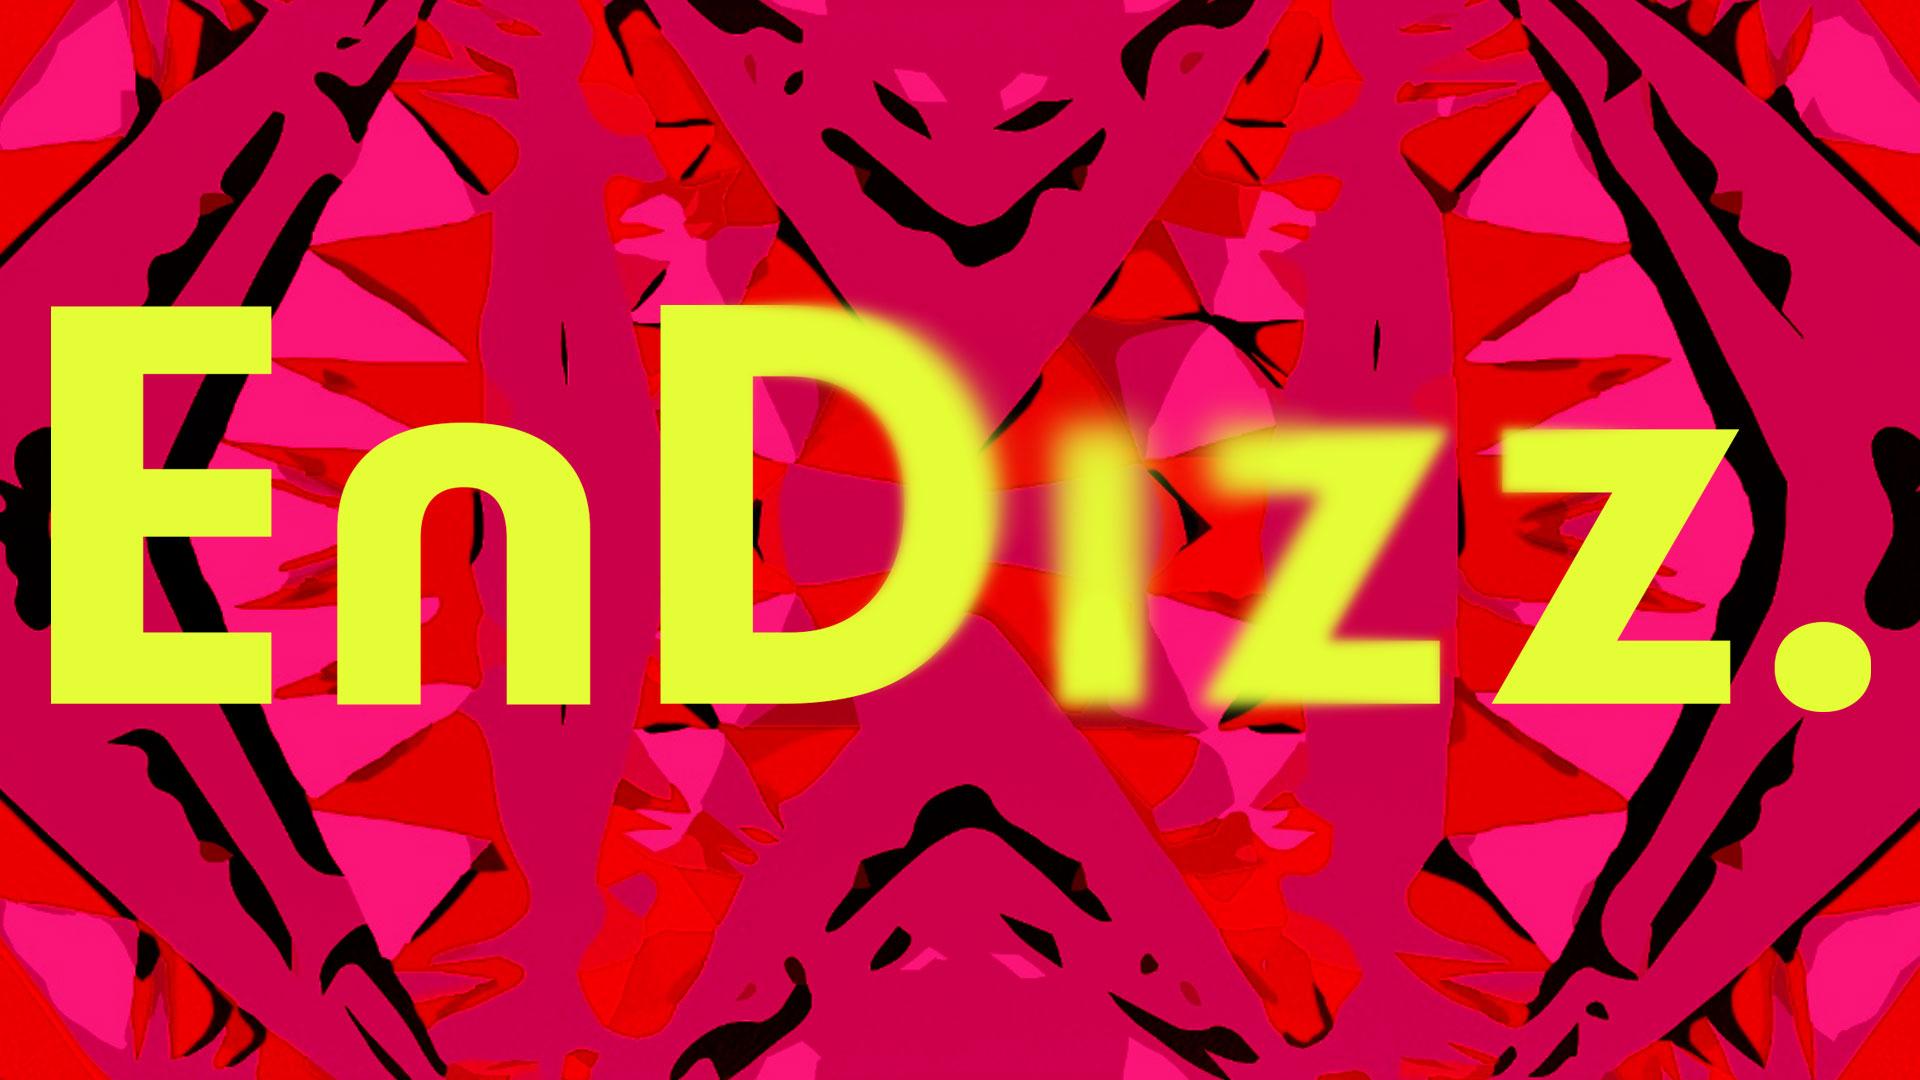 1920 Endizz WH